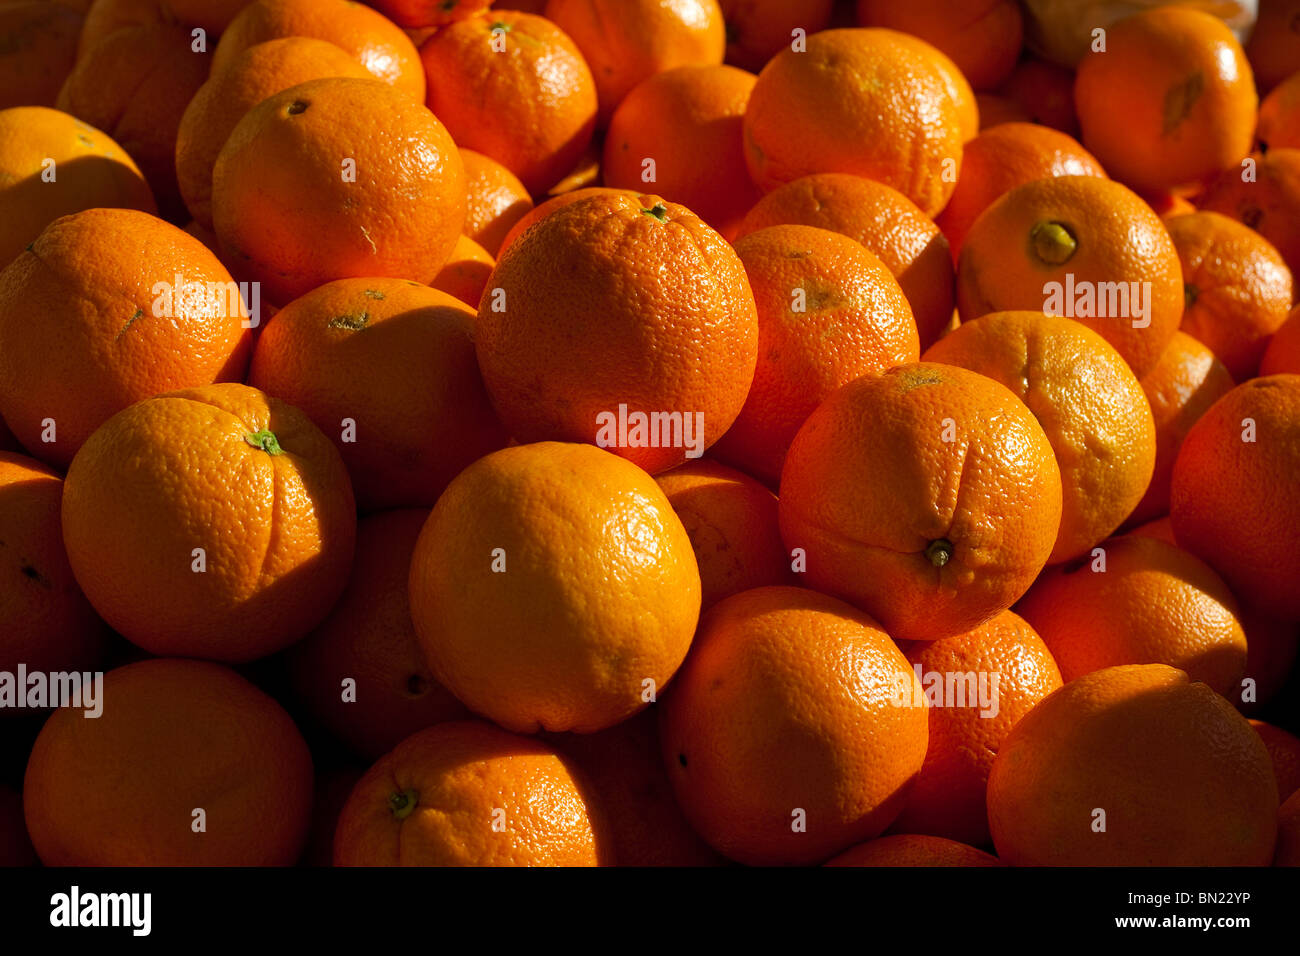 Le marché des fruits. Benavente, Espagne. Banque D'Images